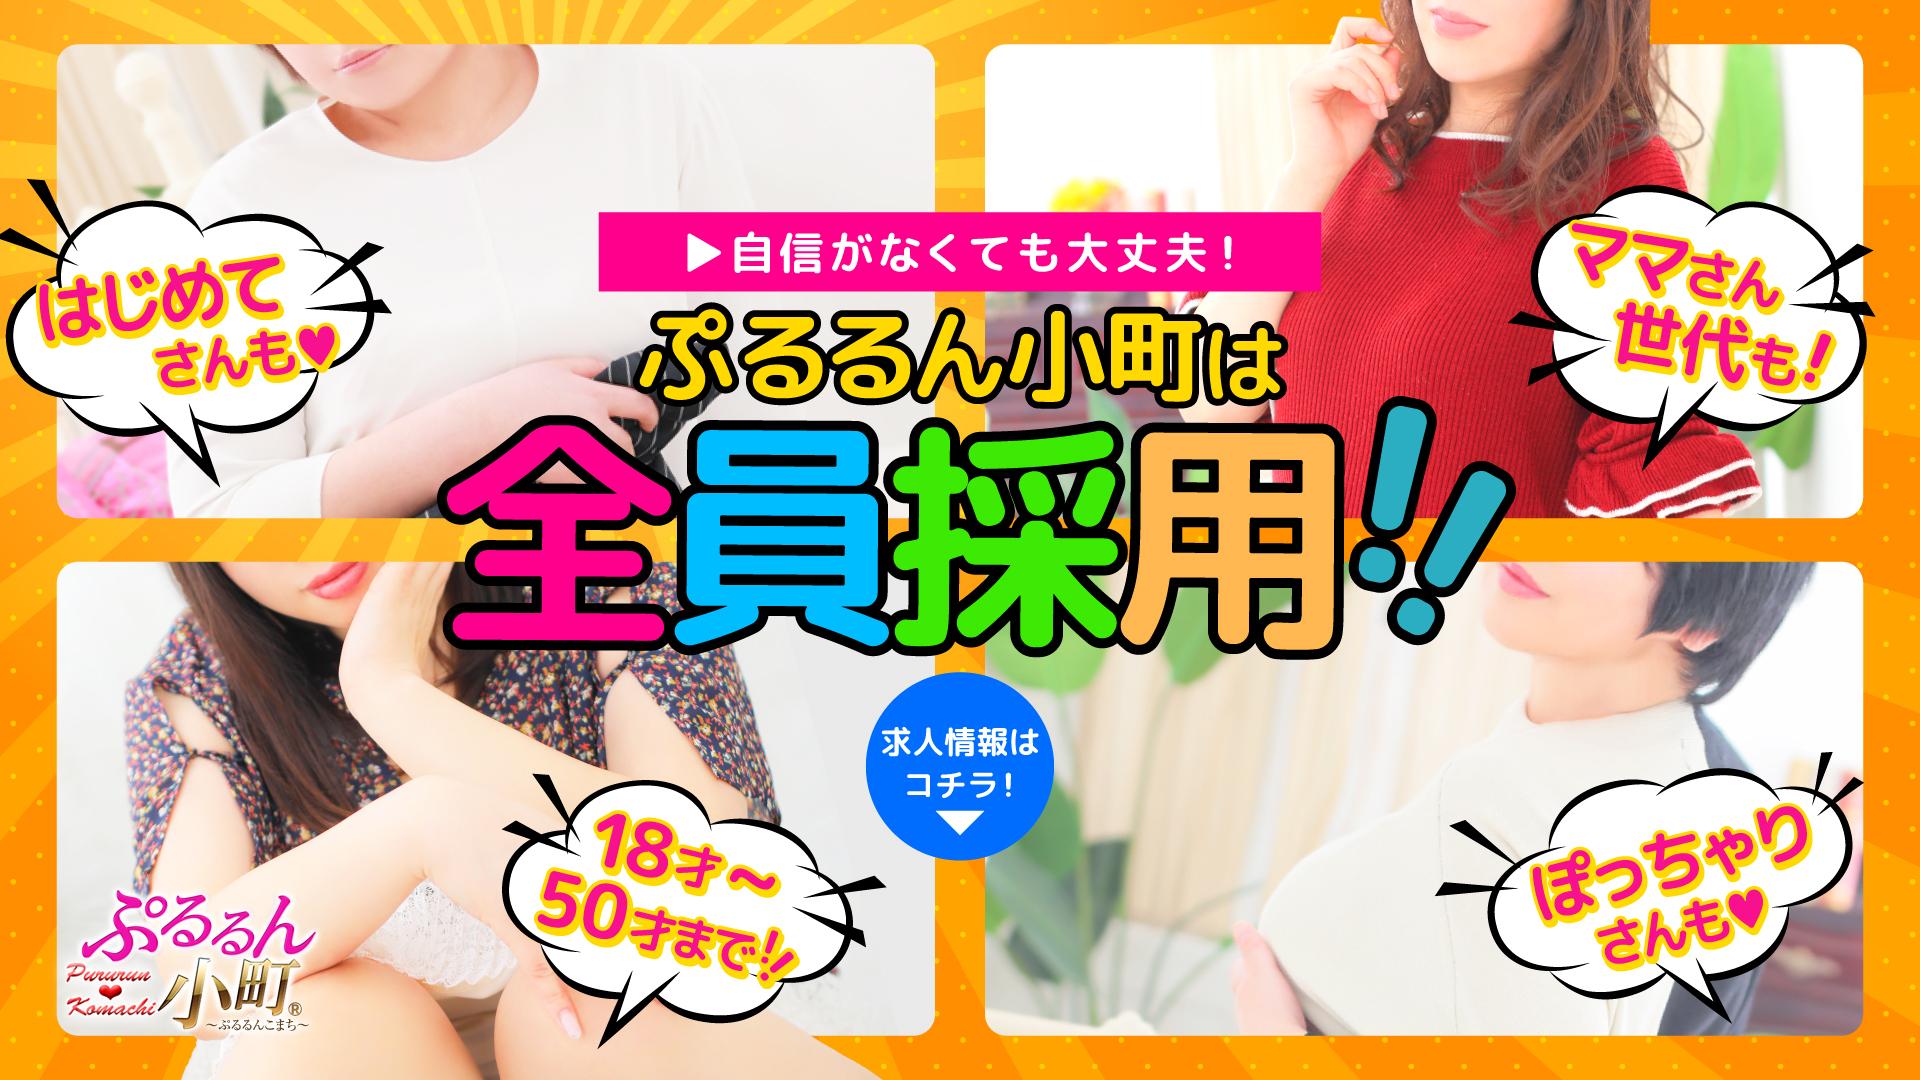 ぷるるん小町 梅田店の求人画像